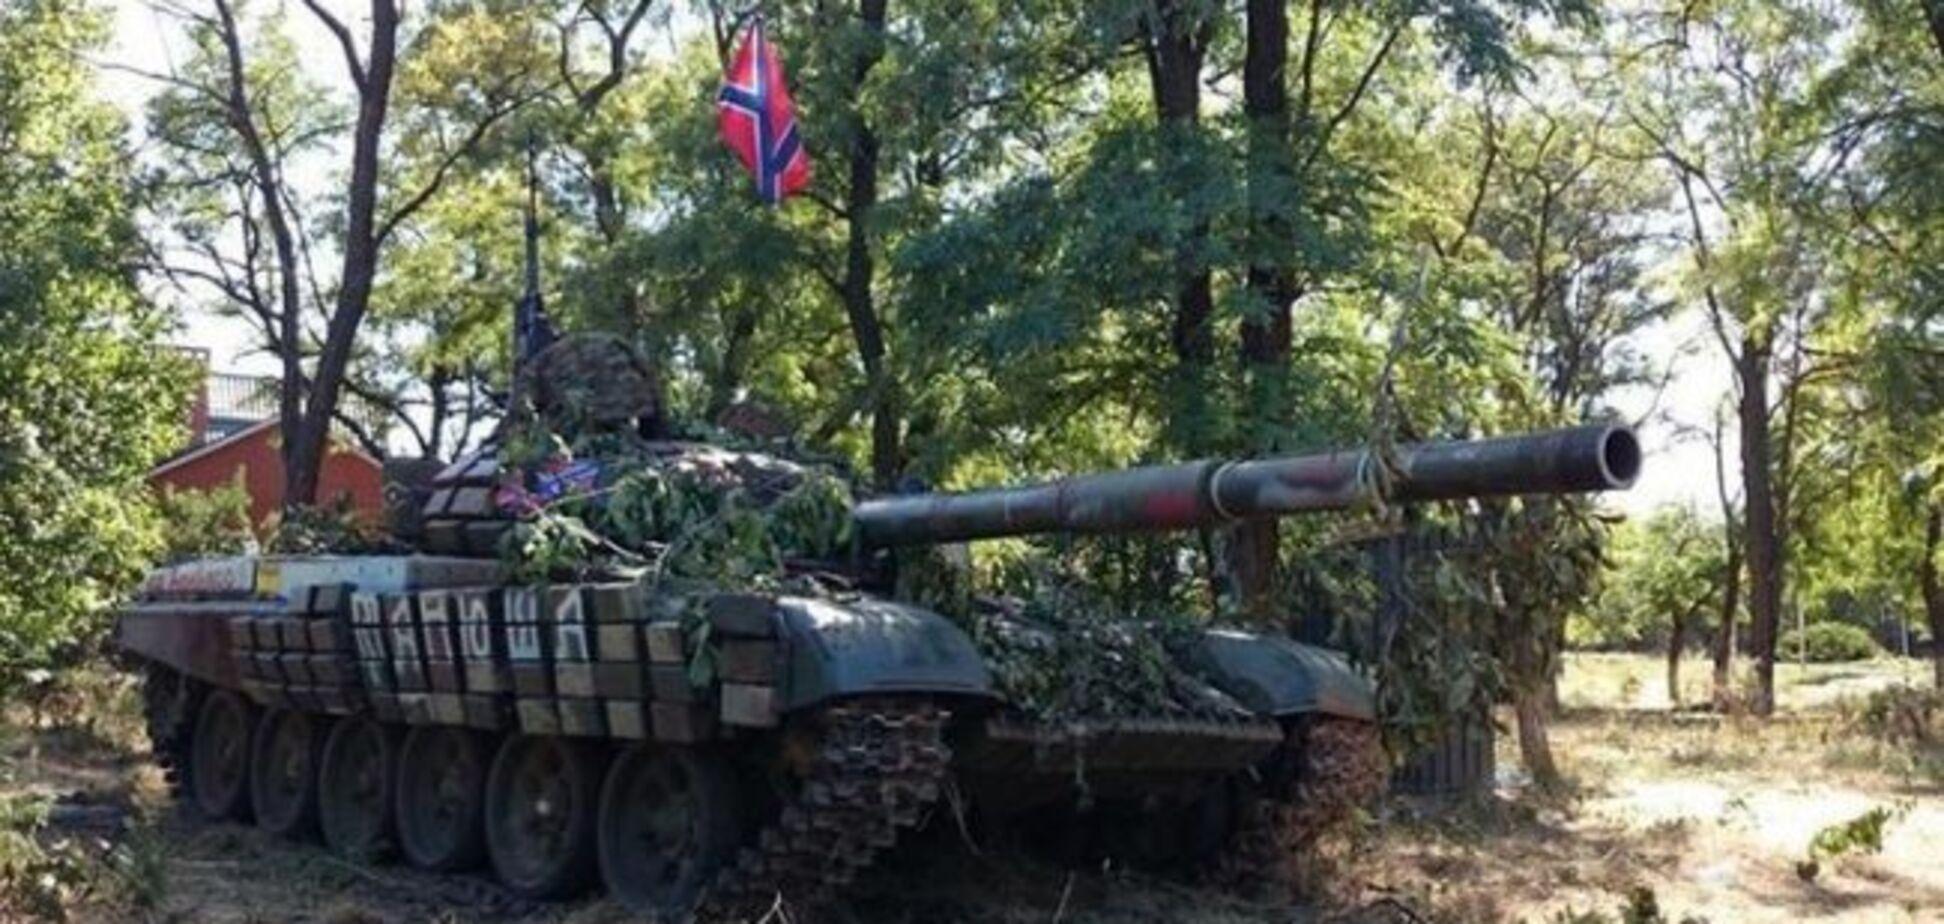 Для Гааги: пропагандисти РФ 'спалили' важке озброєння 'Л/ДНР'